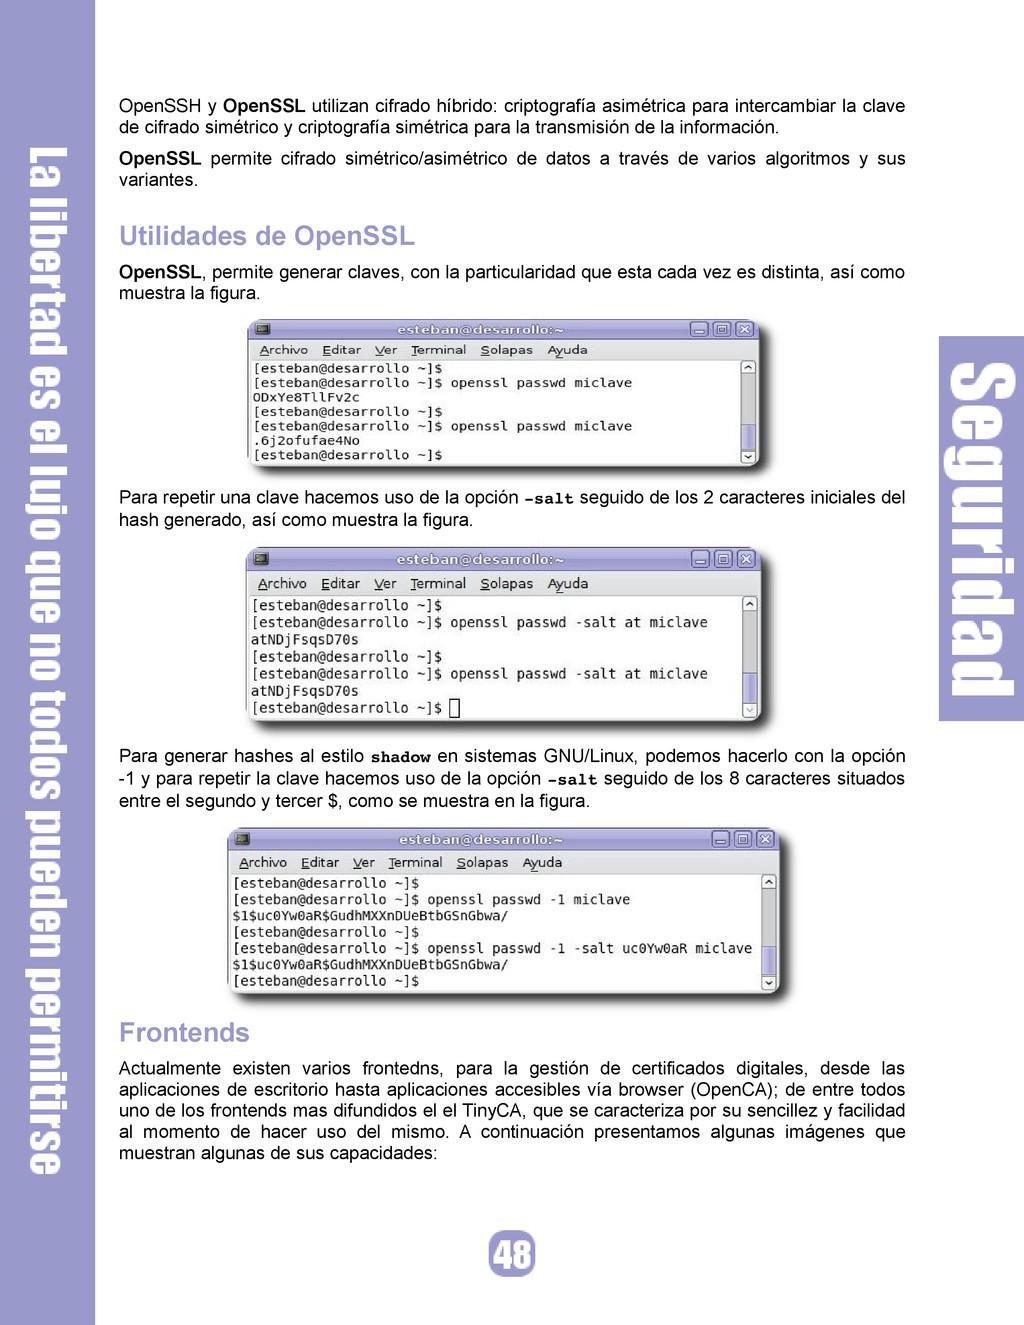 OpenSSH y OpenSSL utilizan cifrado híbrido: cri...